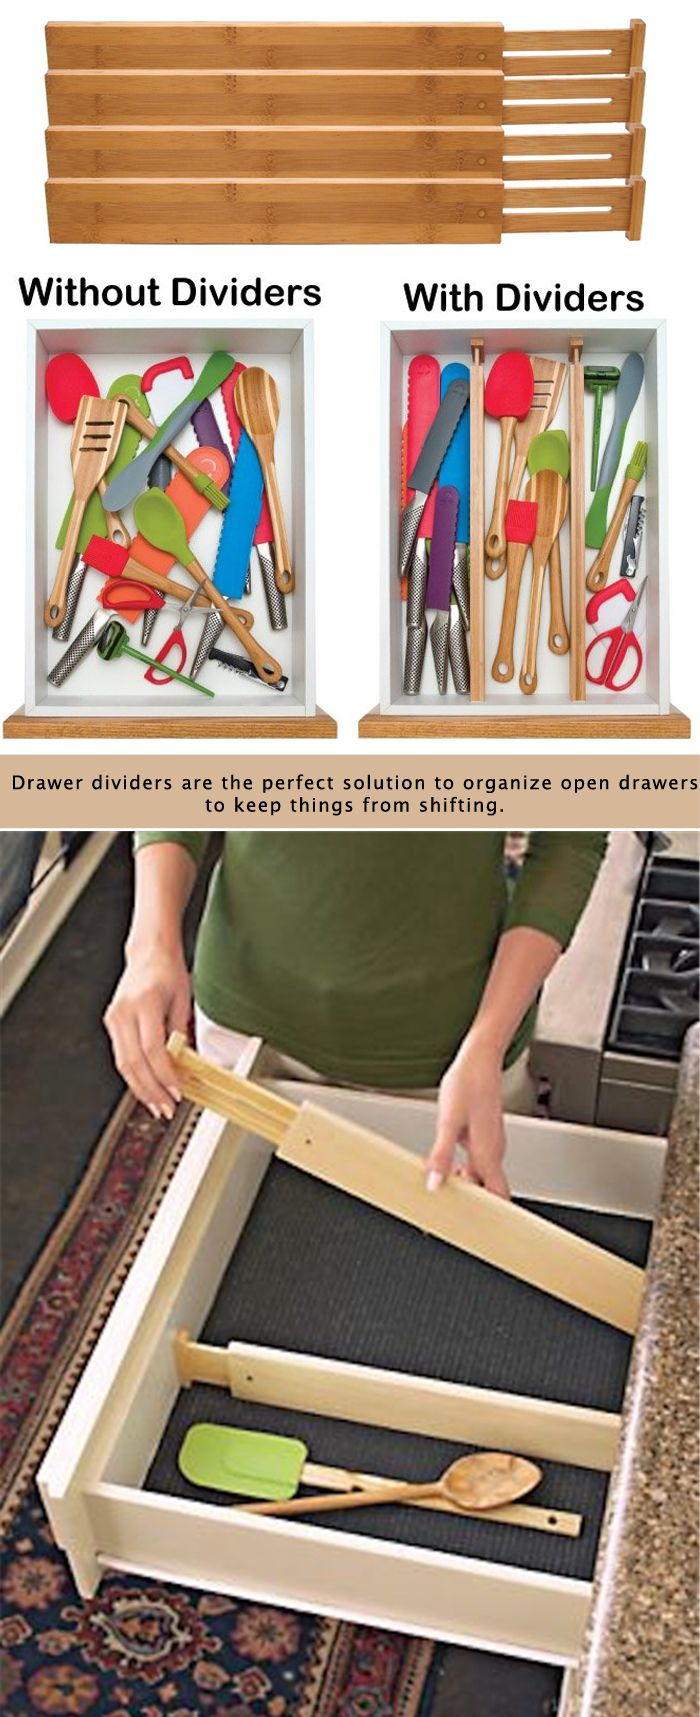 Diy Kitchen Drawer Dividers The 25 Best Ideas About Kitchen Drawer Dividers On Pinterest